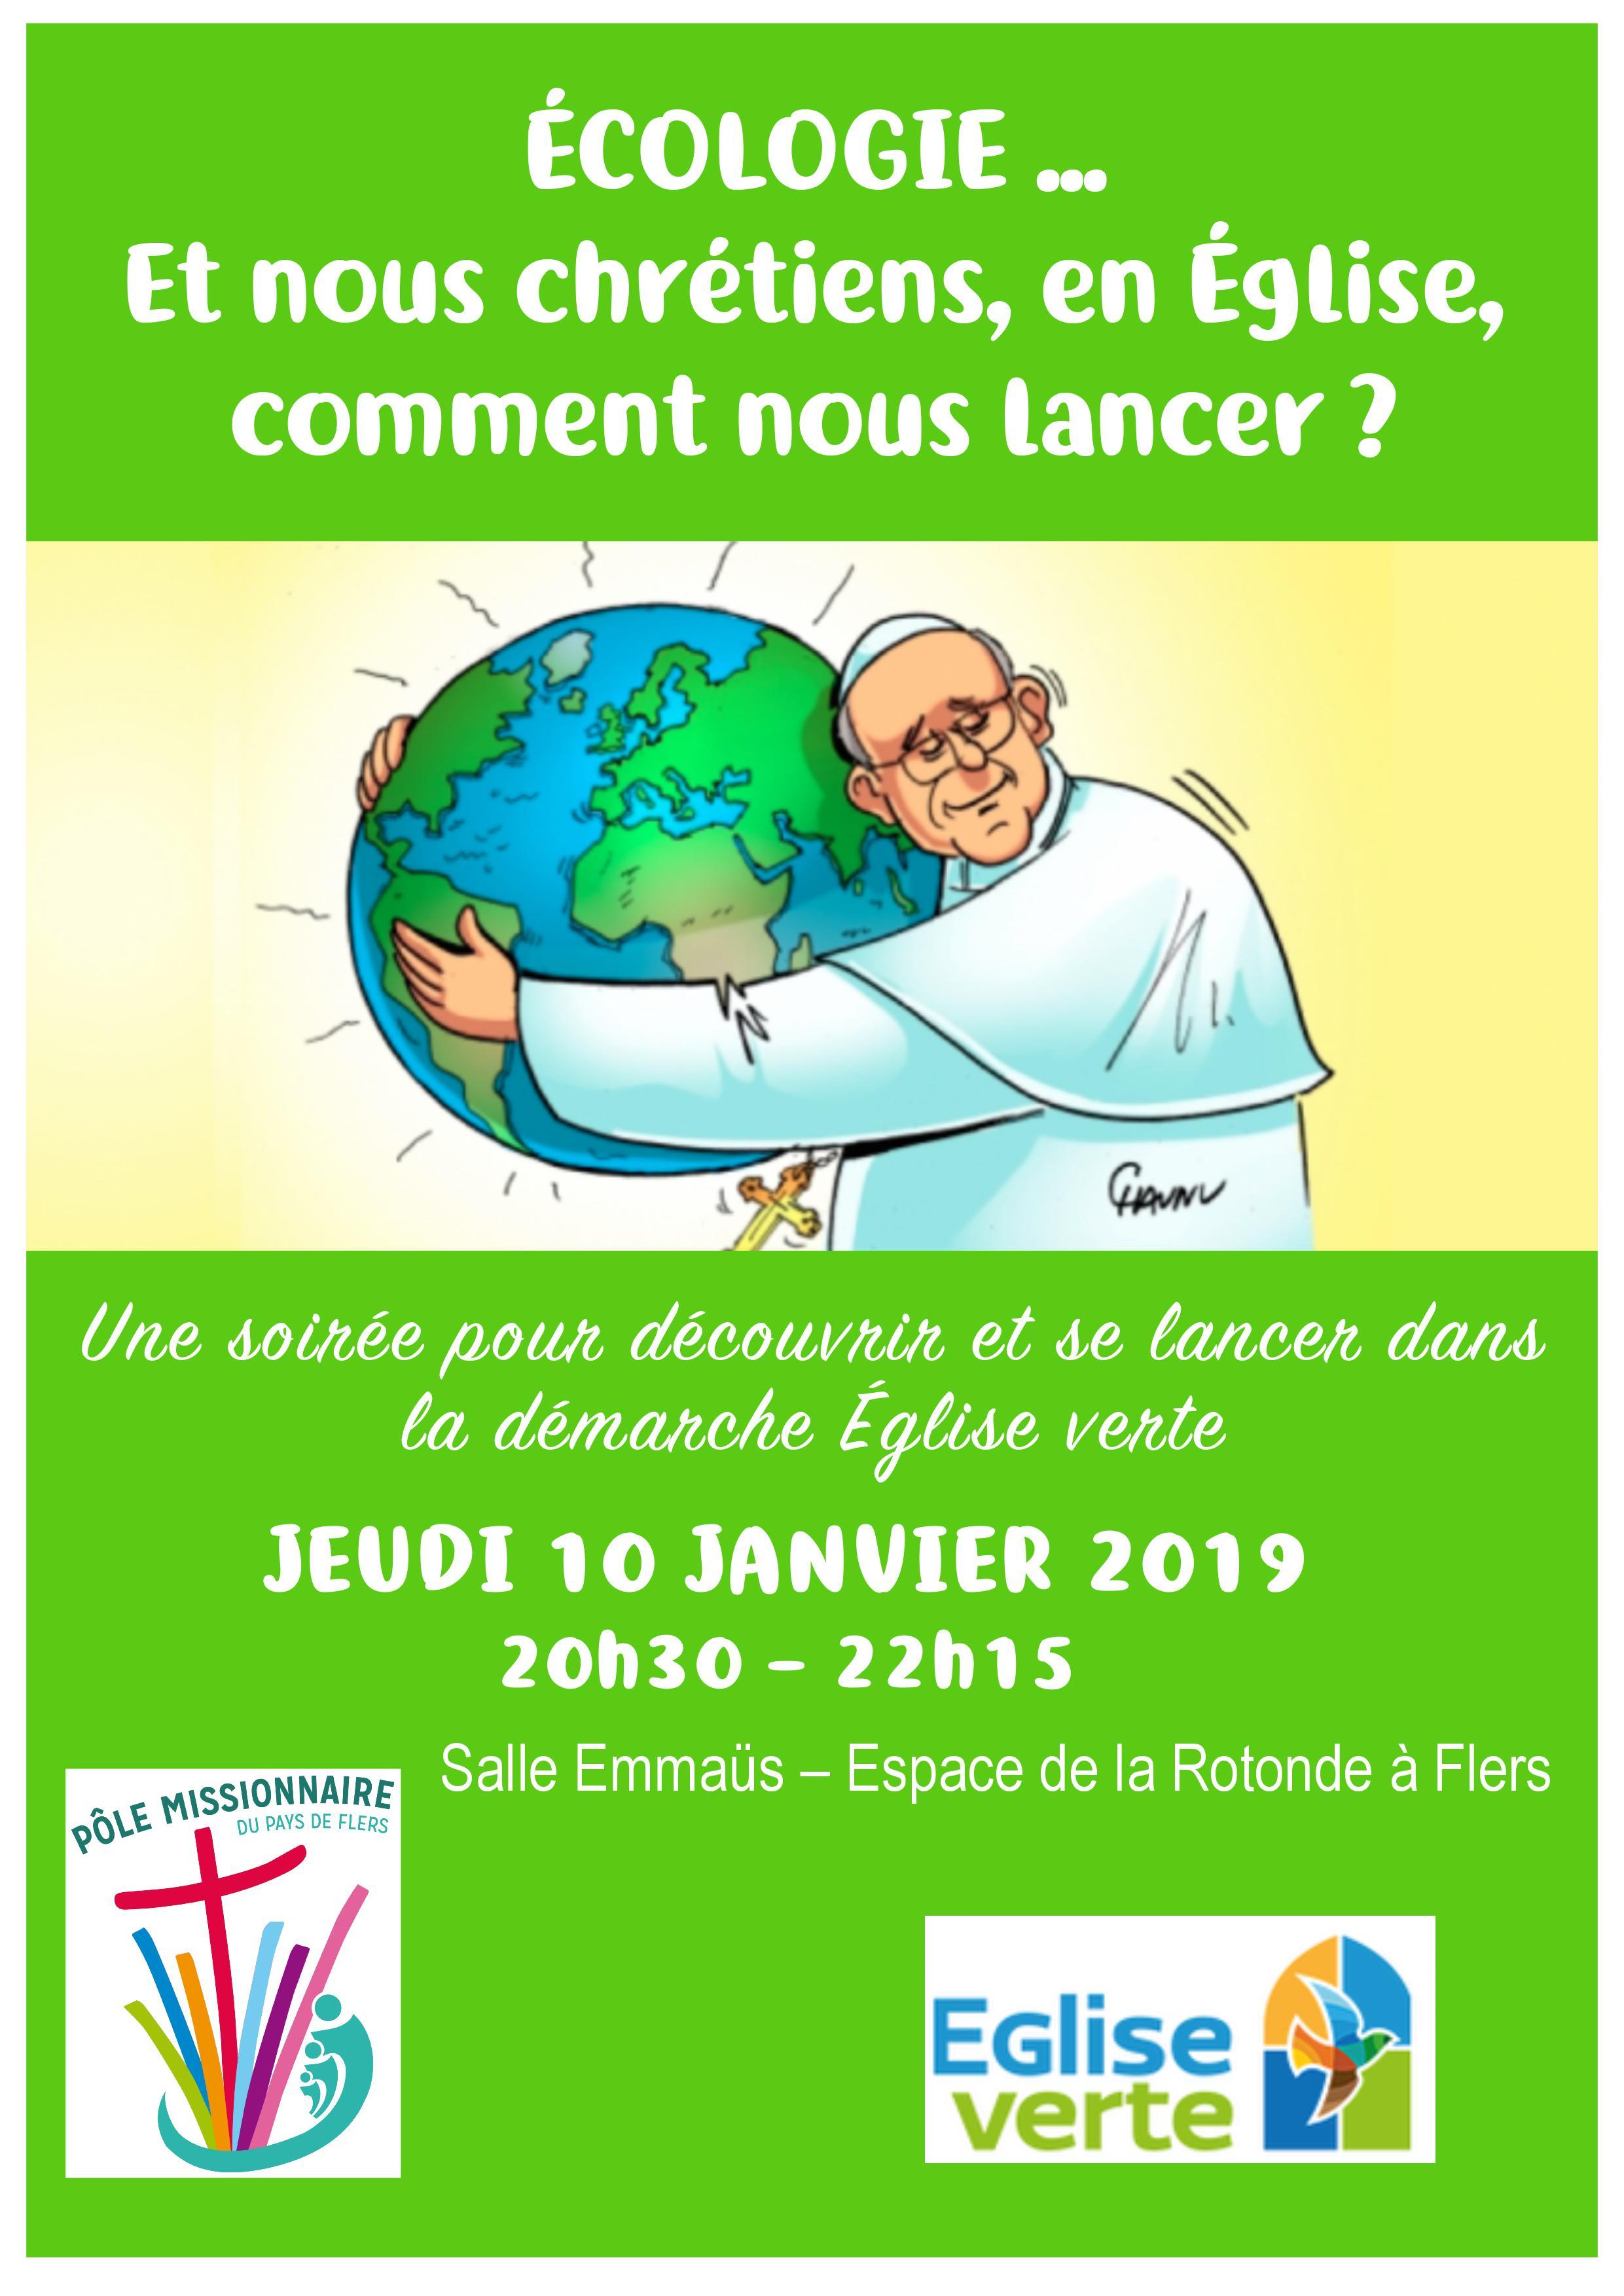 """Soirée """"Eglise verte"""" le 10 janvier 2019 à Flers (61)"""